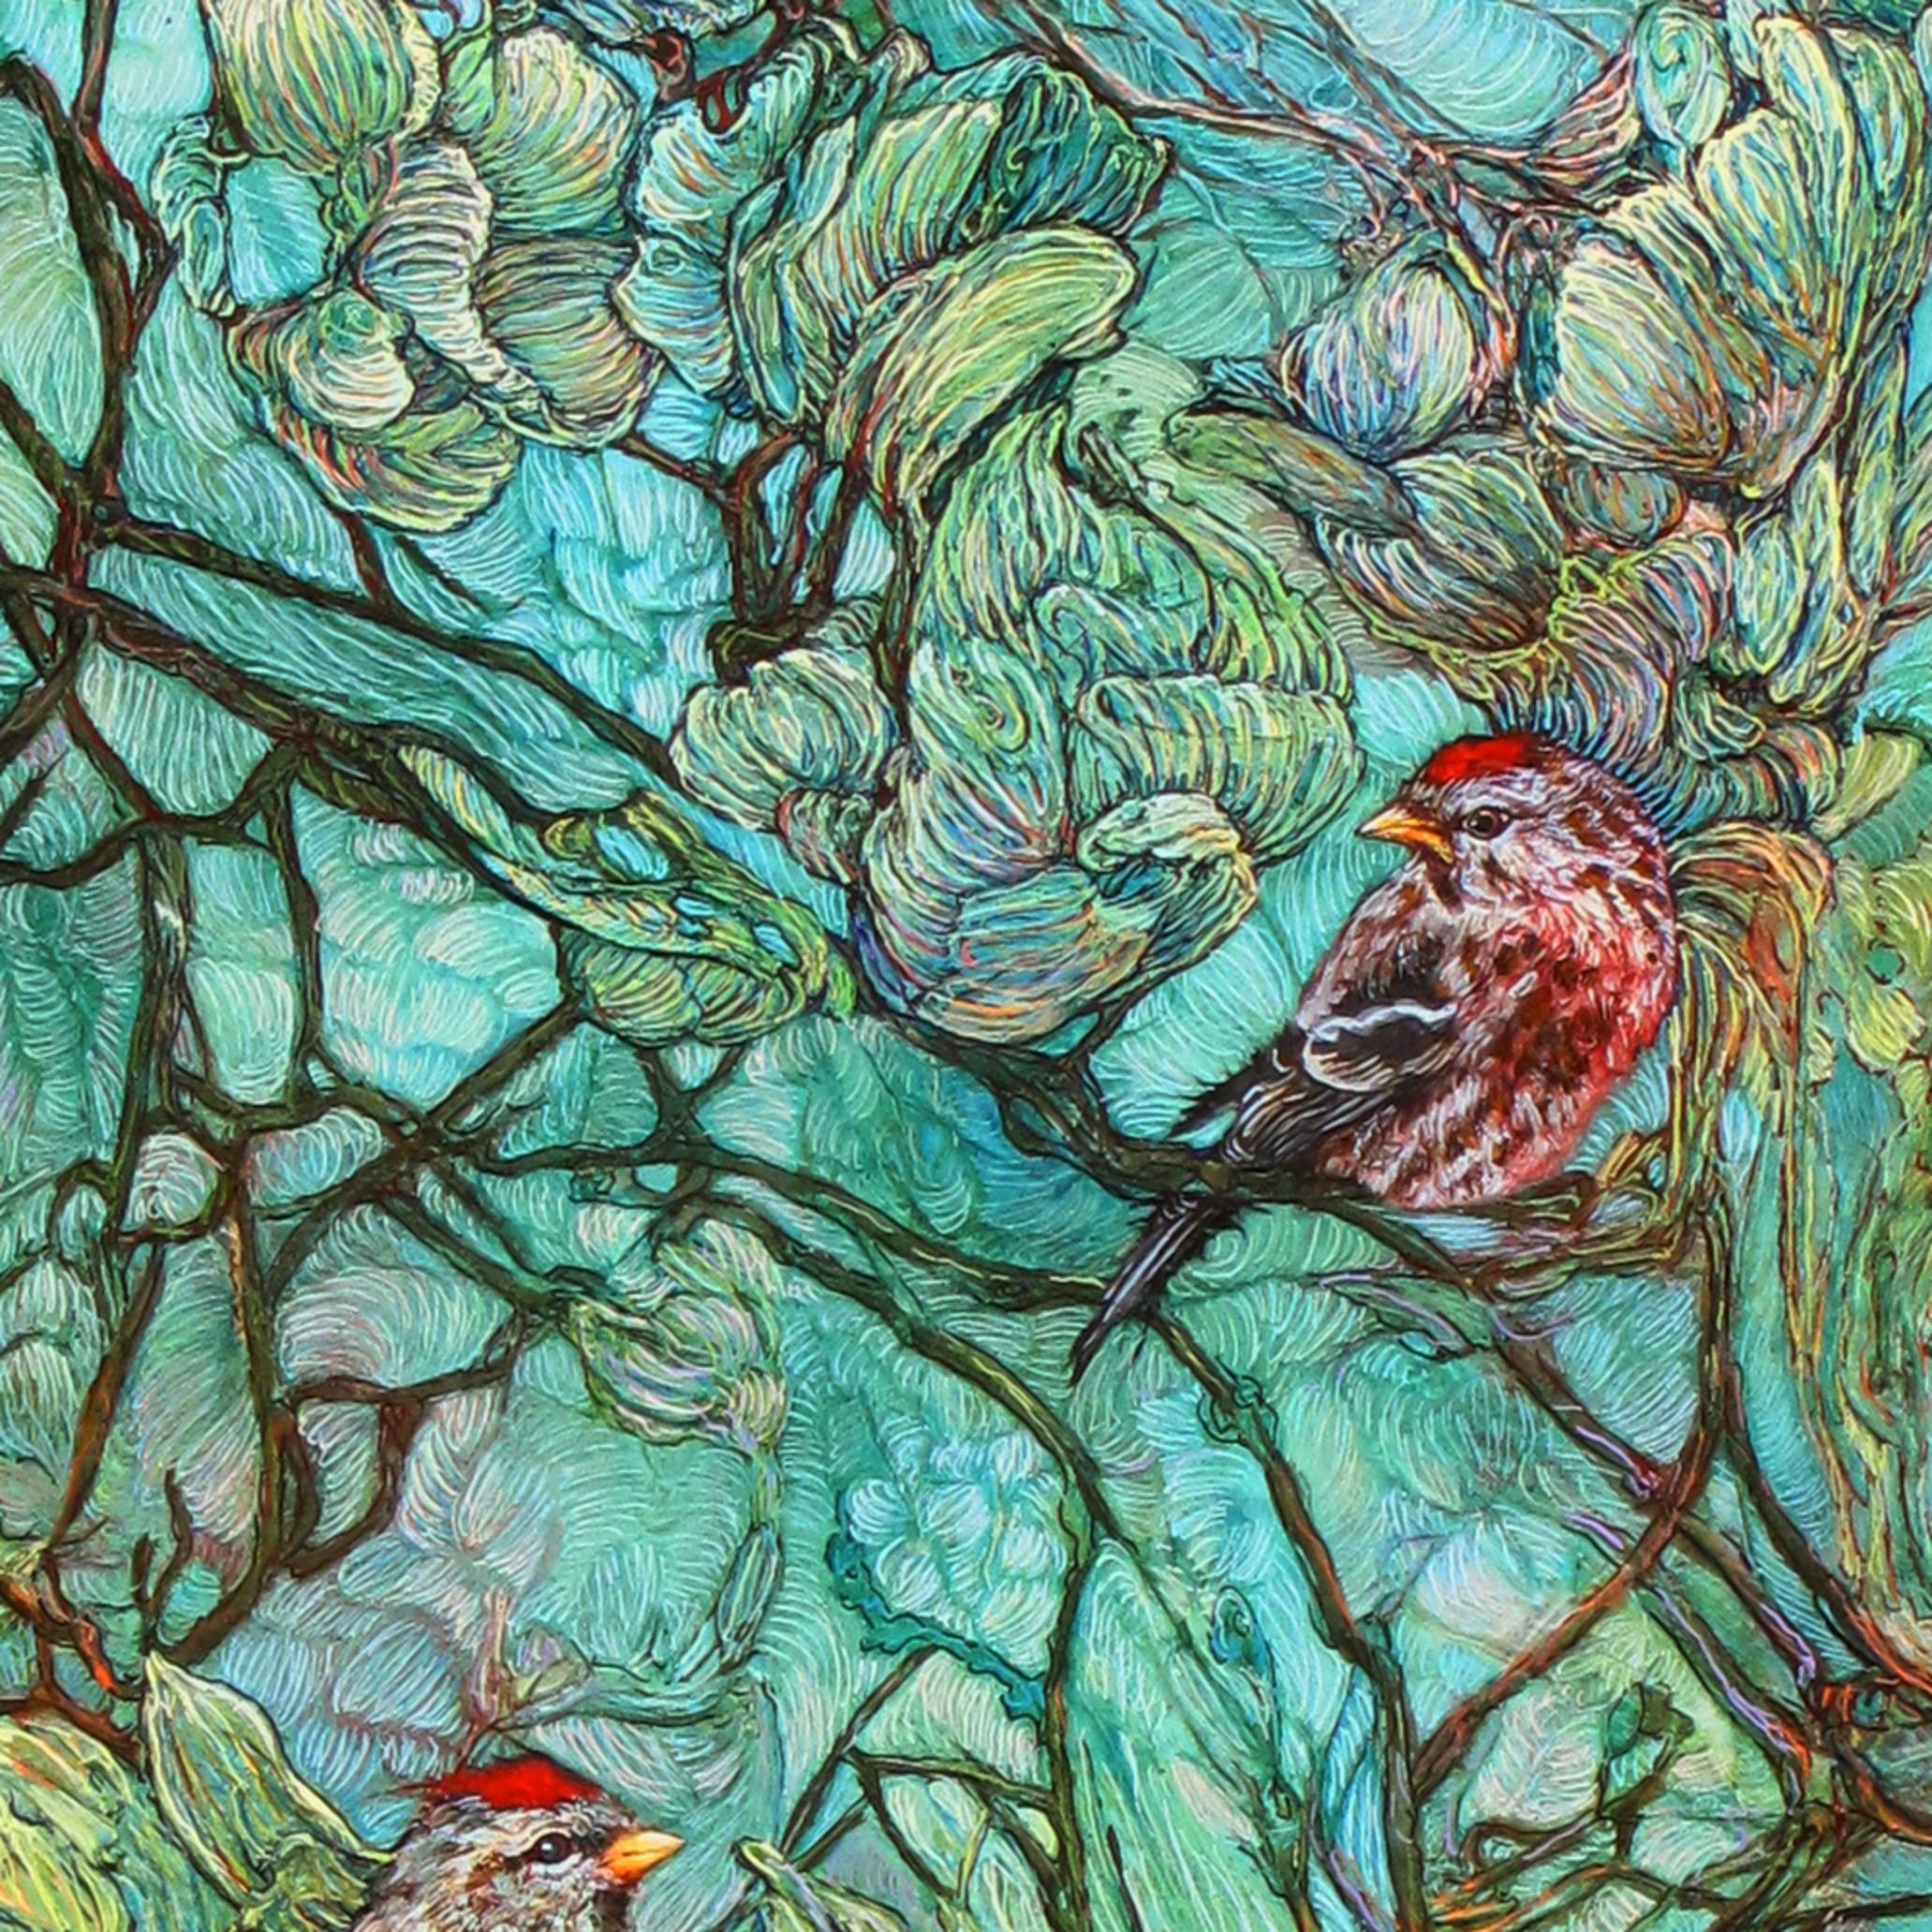 Aquamarine labyrinth copy k83h0n